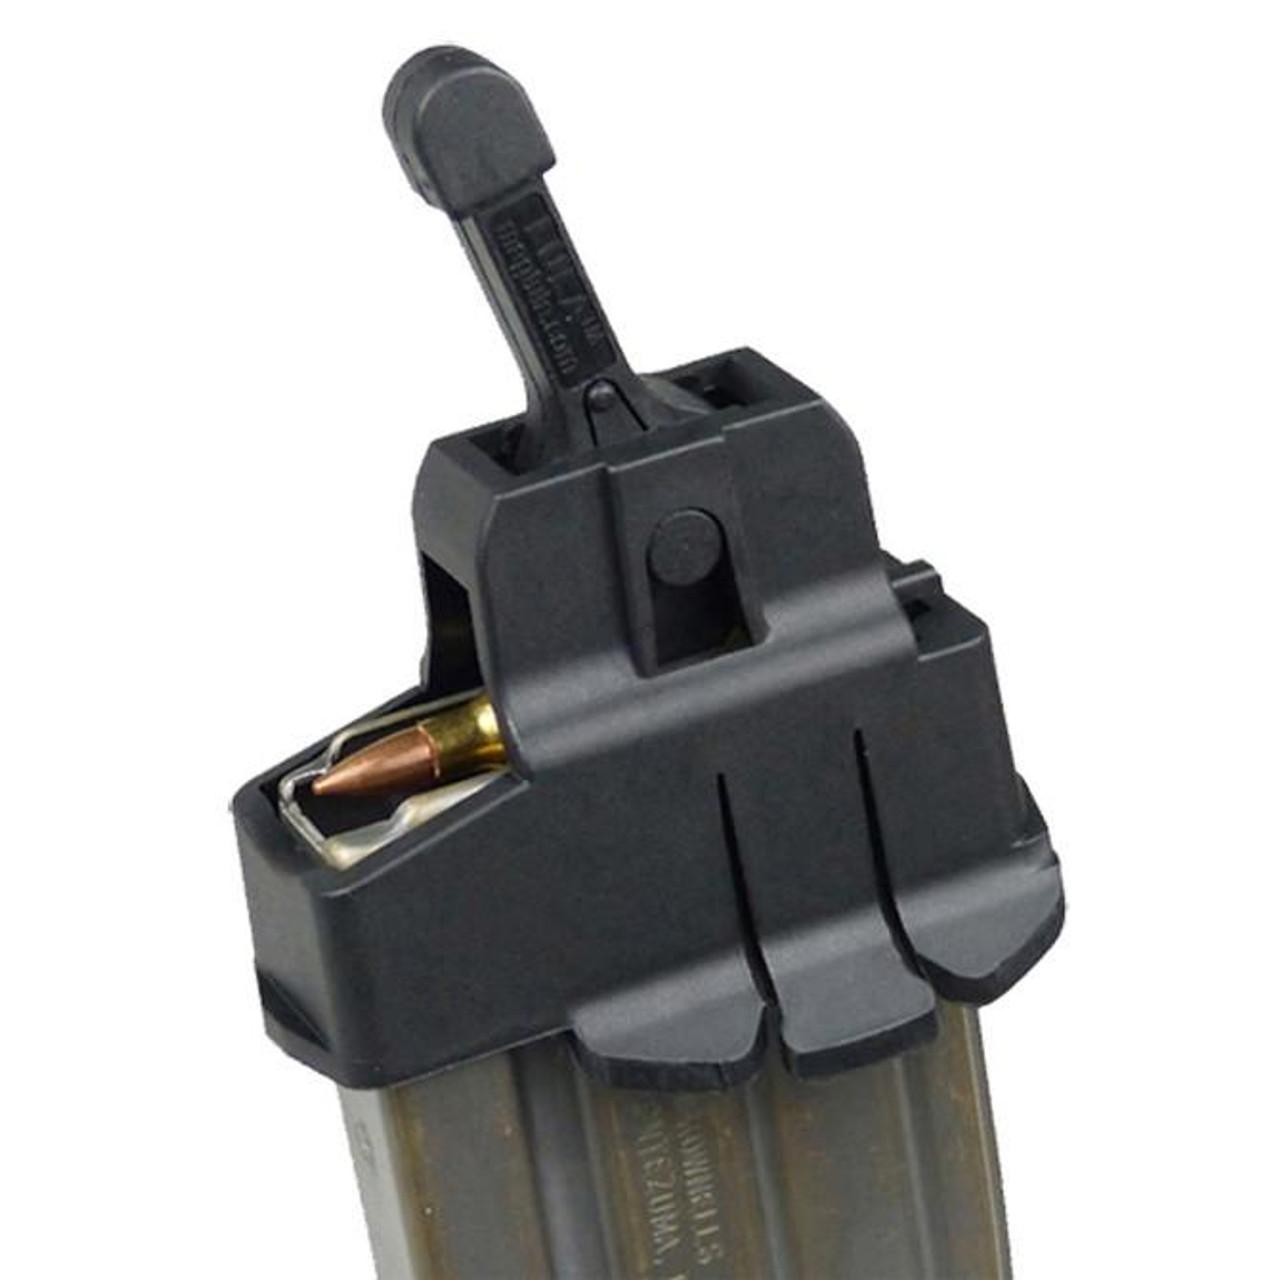 Maglula M-16 / AR-15 LULA® Magazine Loader & Unloader